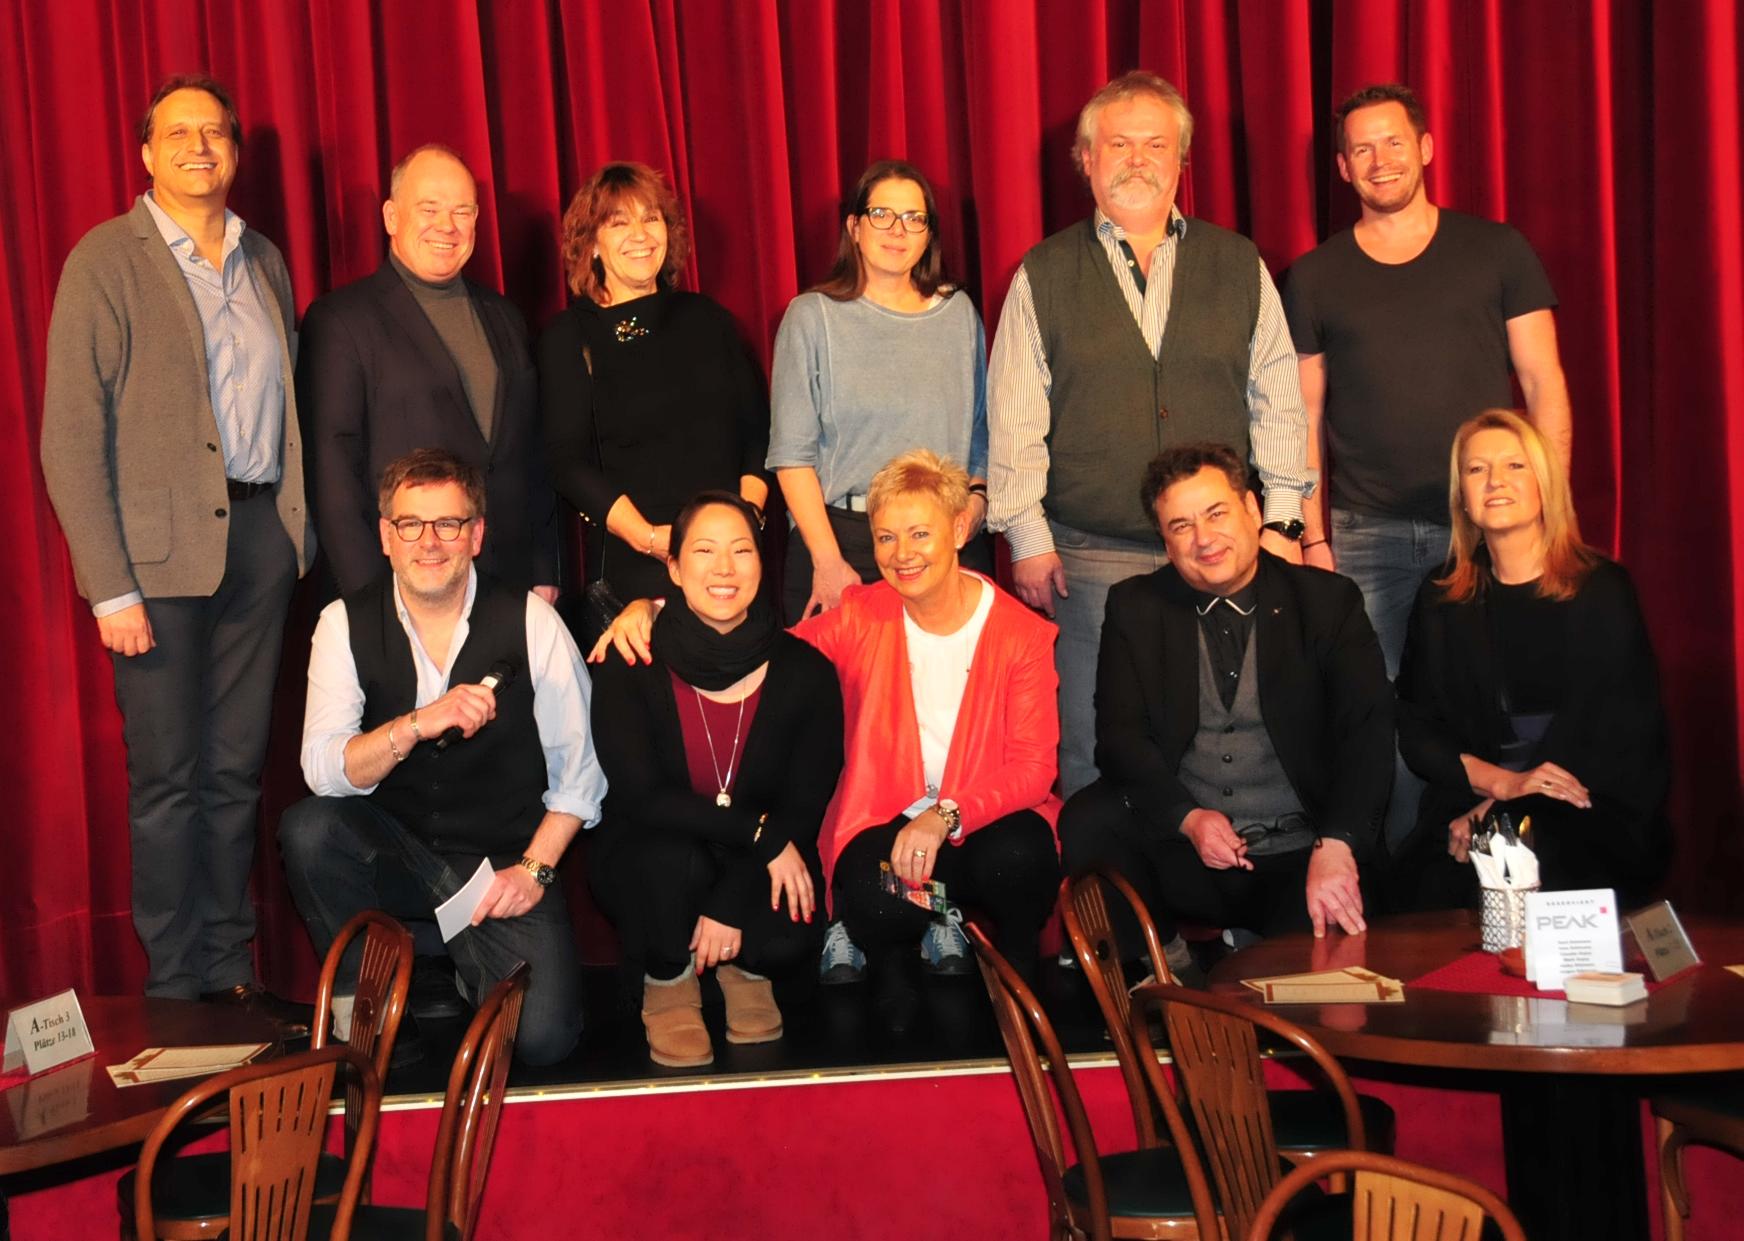 Einige - aber längst nicht alle - unserer Projektpartner 2018 für Darmstädter Frauenhaus, Schulranzen-Aktion 2018, Christoph-Graupner-Schule und V.I.P.eers Kranichstein.   Foto: ©Ralf Hellriegel Verlag